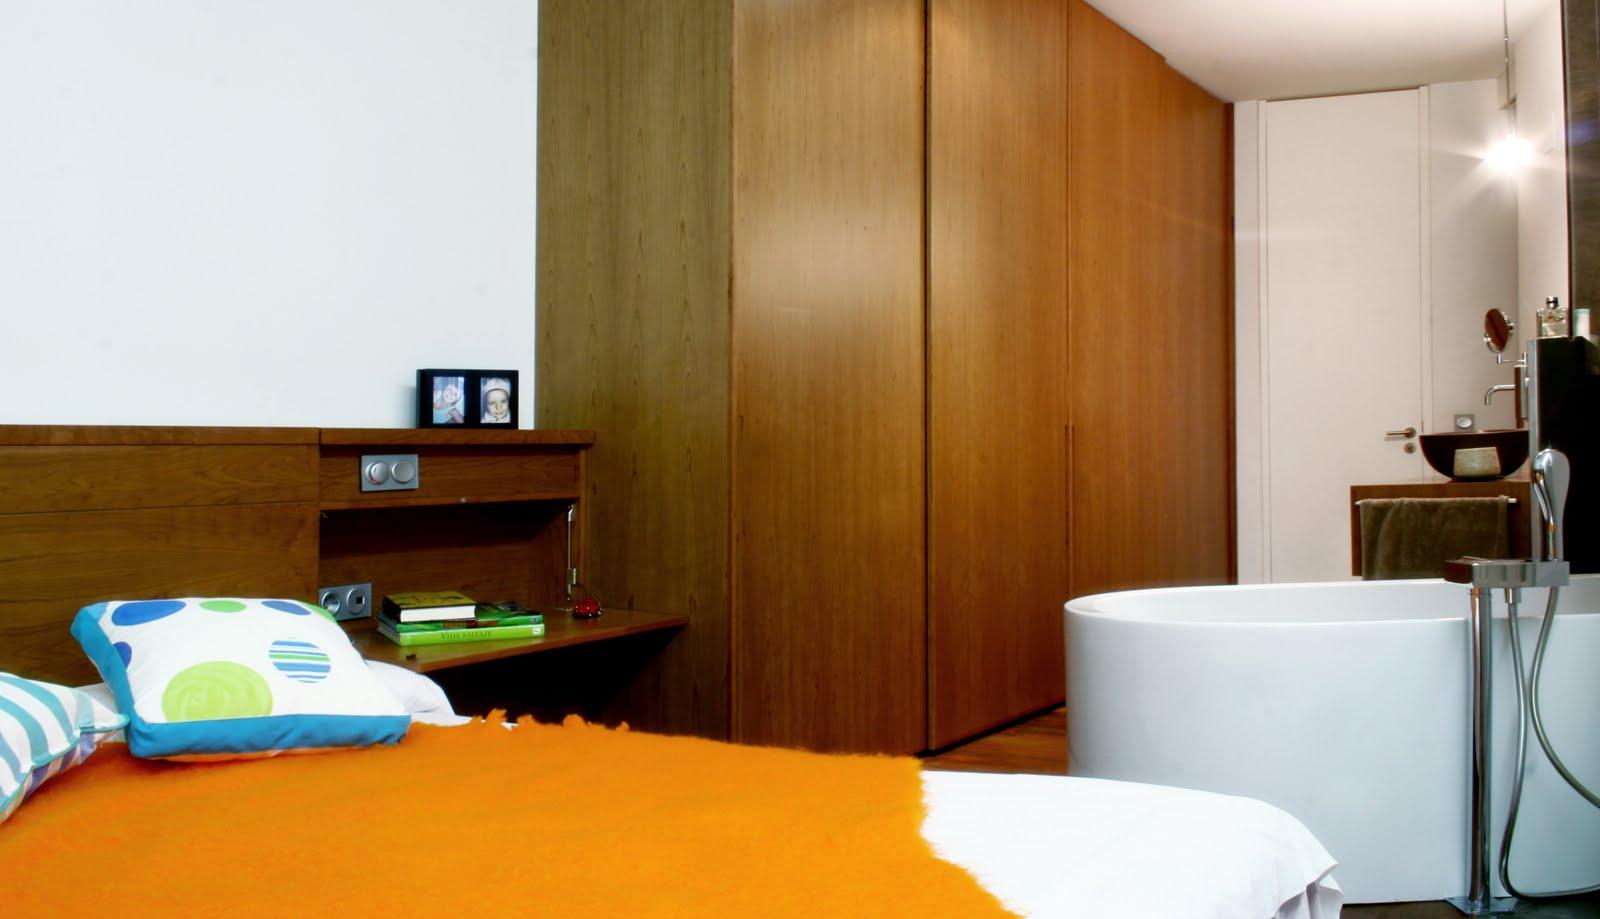 Pascal denis carpinteria interior de madera for Carpinteria interior de madera